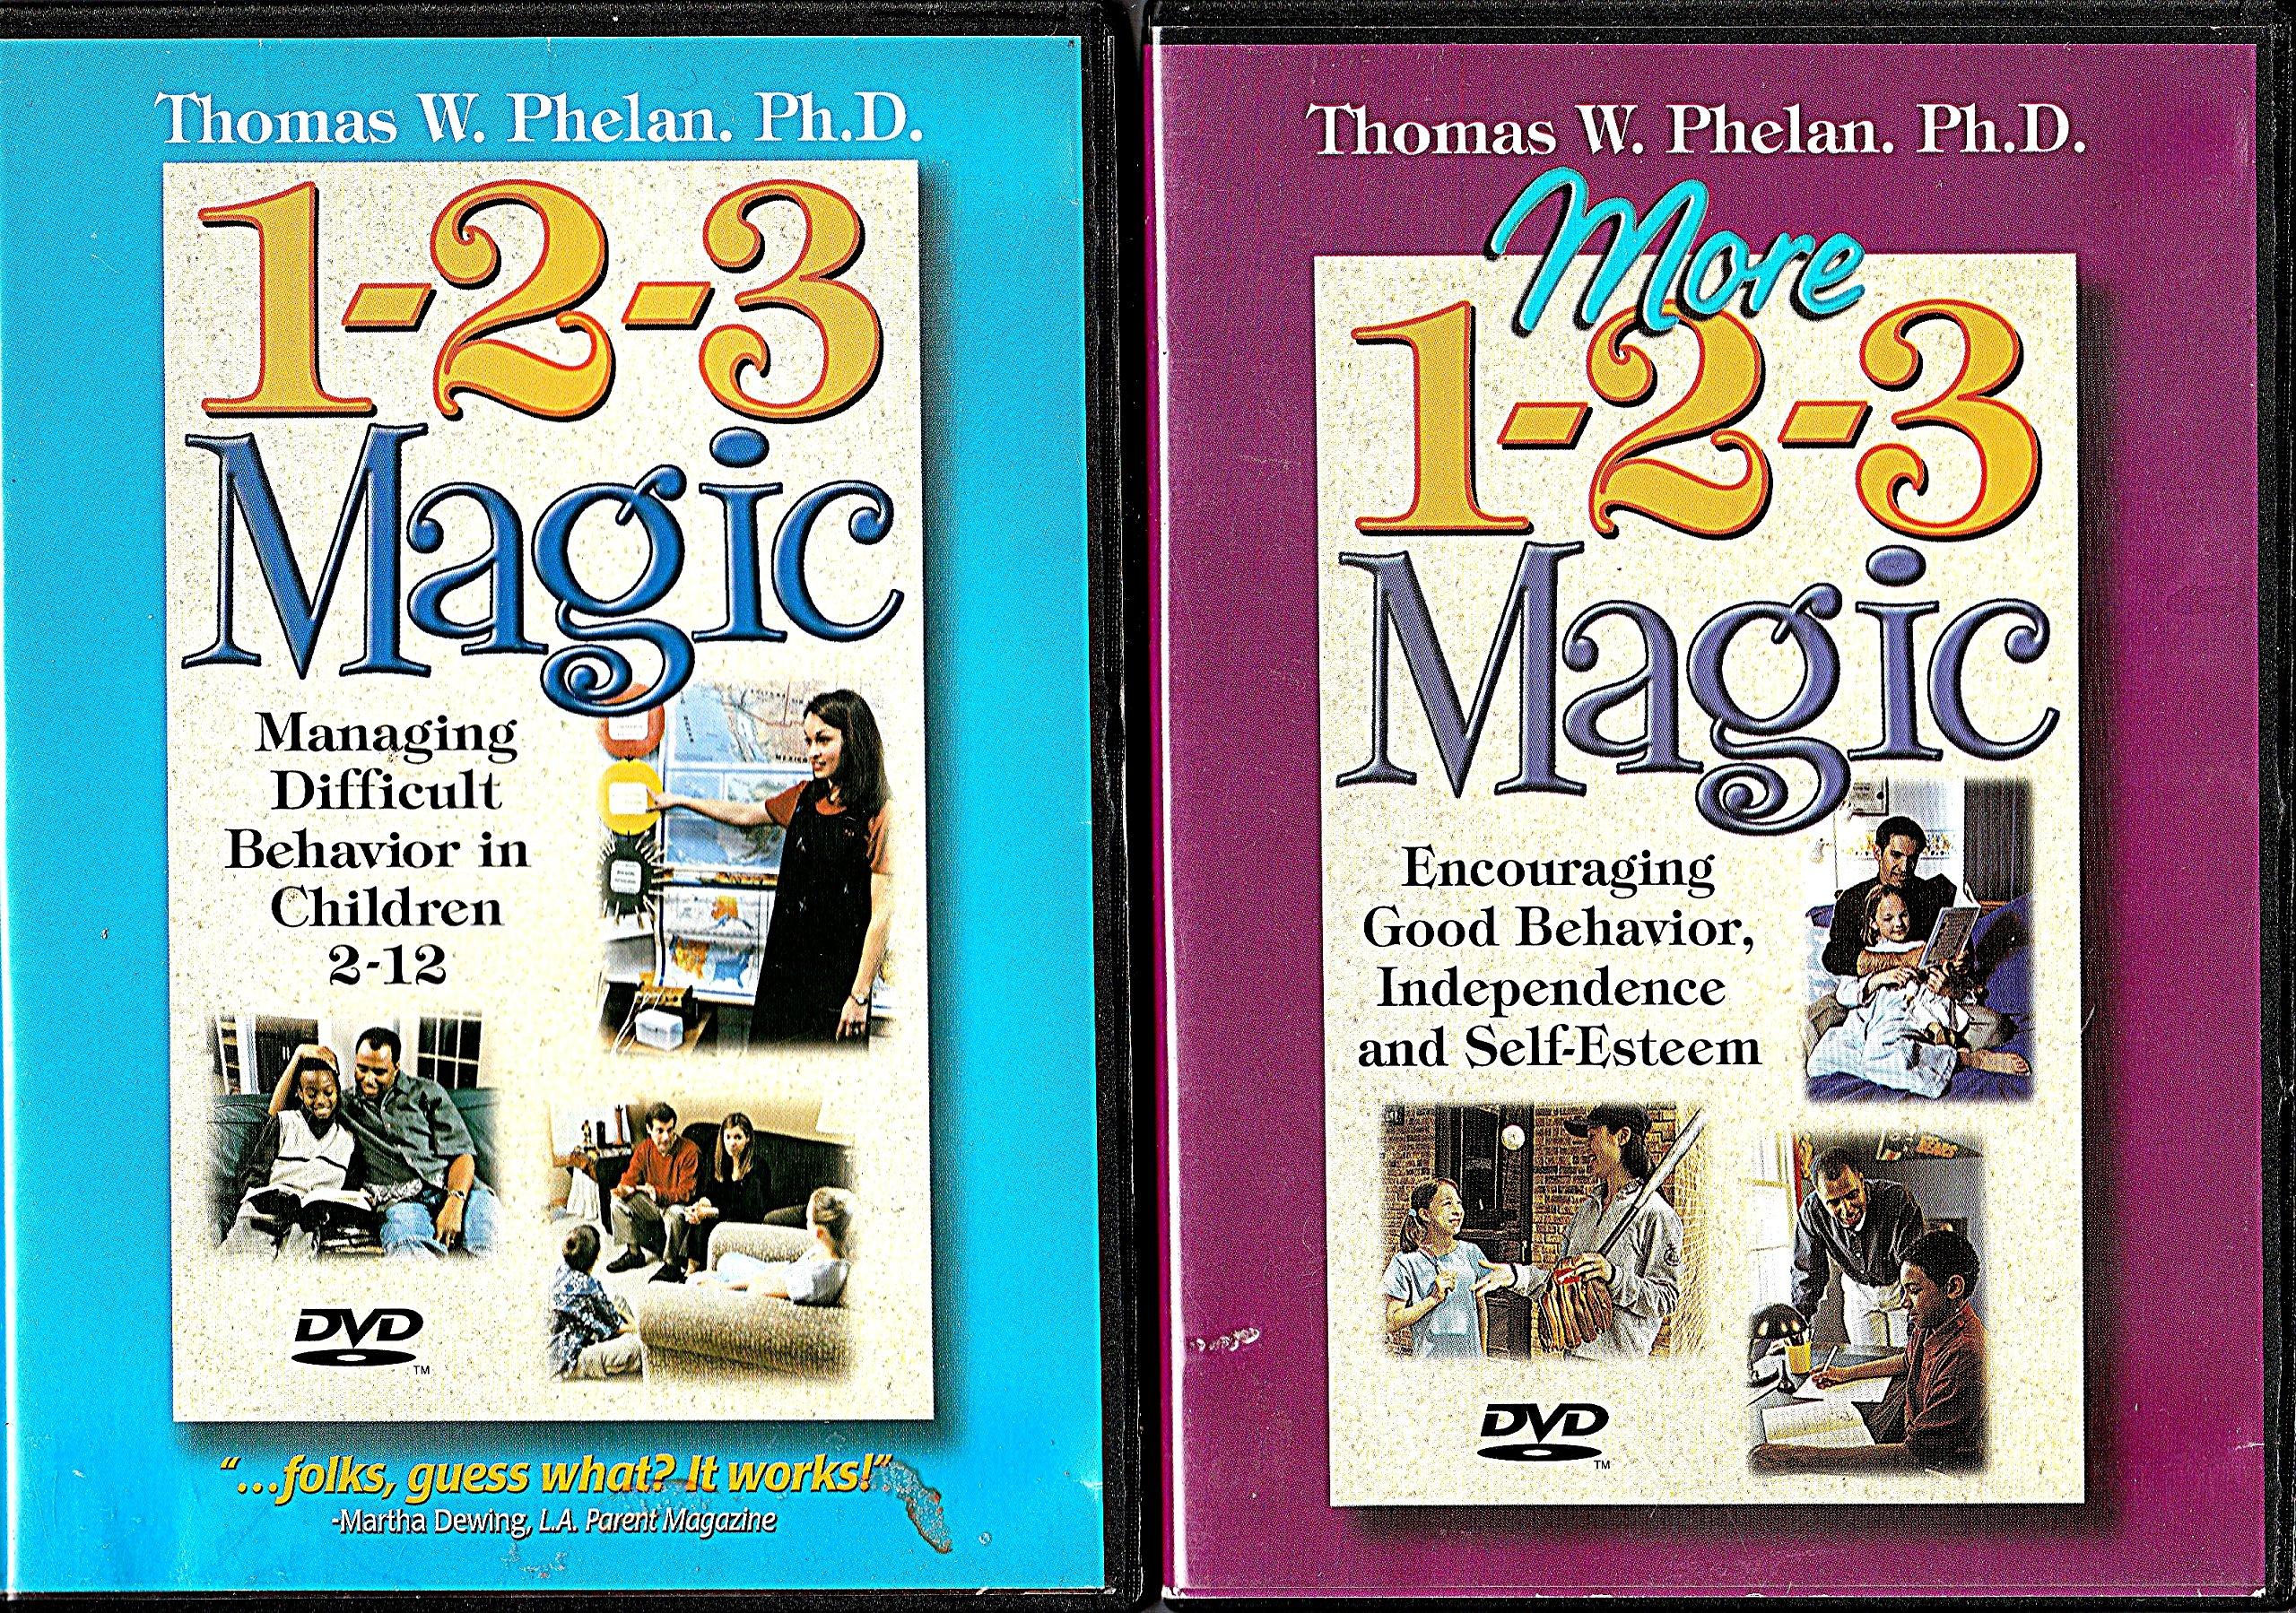 1-2-3 Magic - Managing Difficult Behavior in Children 2-12 (DVD) **PLUS**  More 1-2-3 Magic -- Encouraging Good Behavior, Independence and Self-Esteem  (DVD) ...